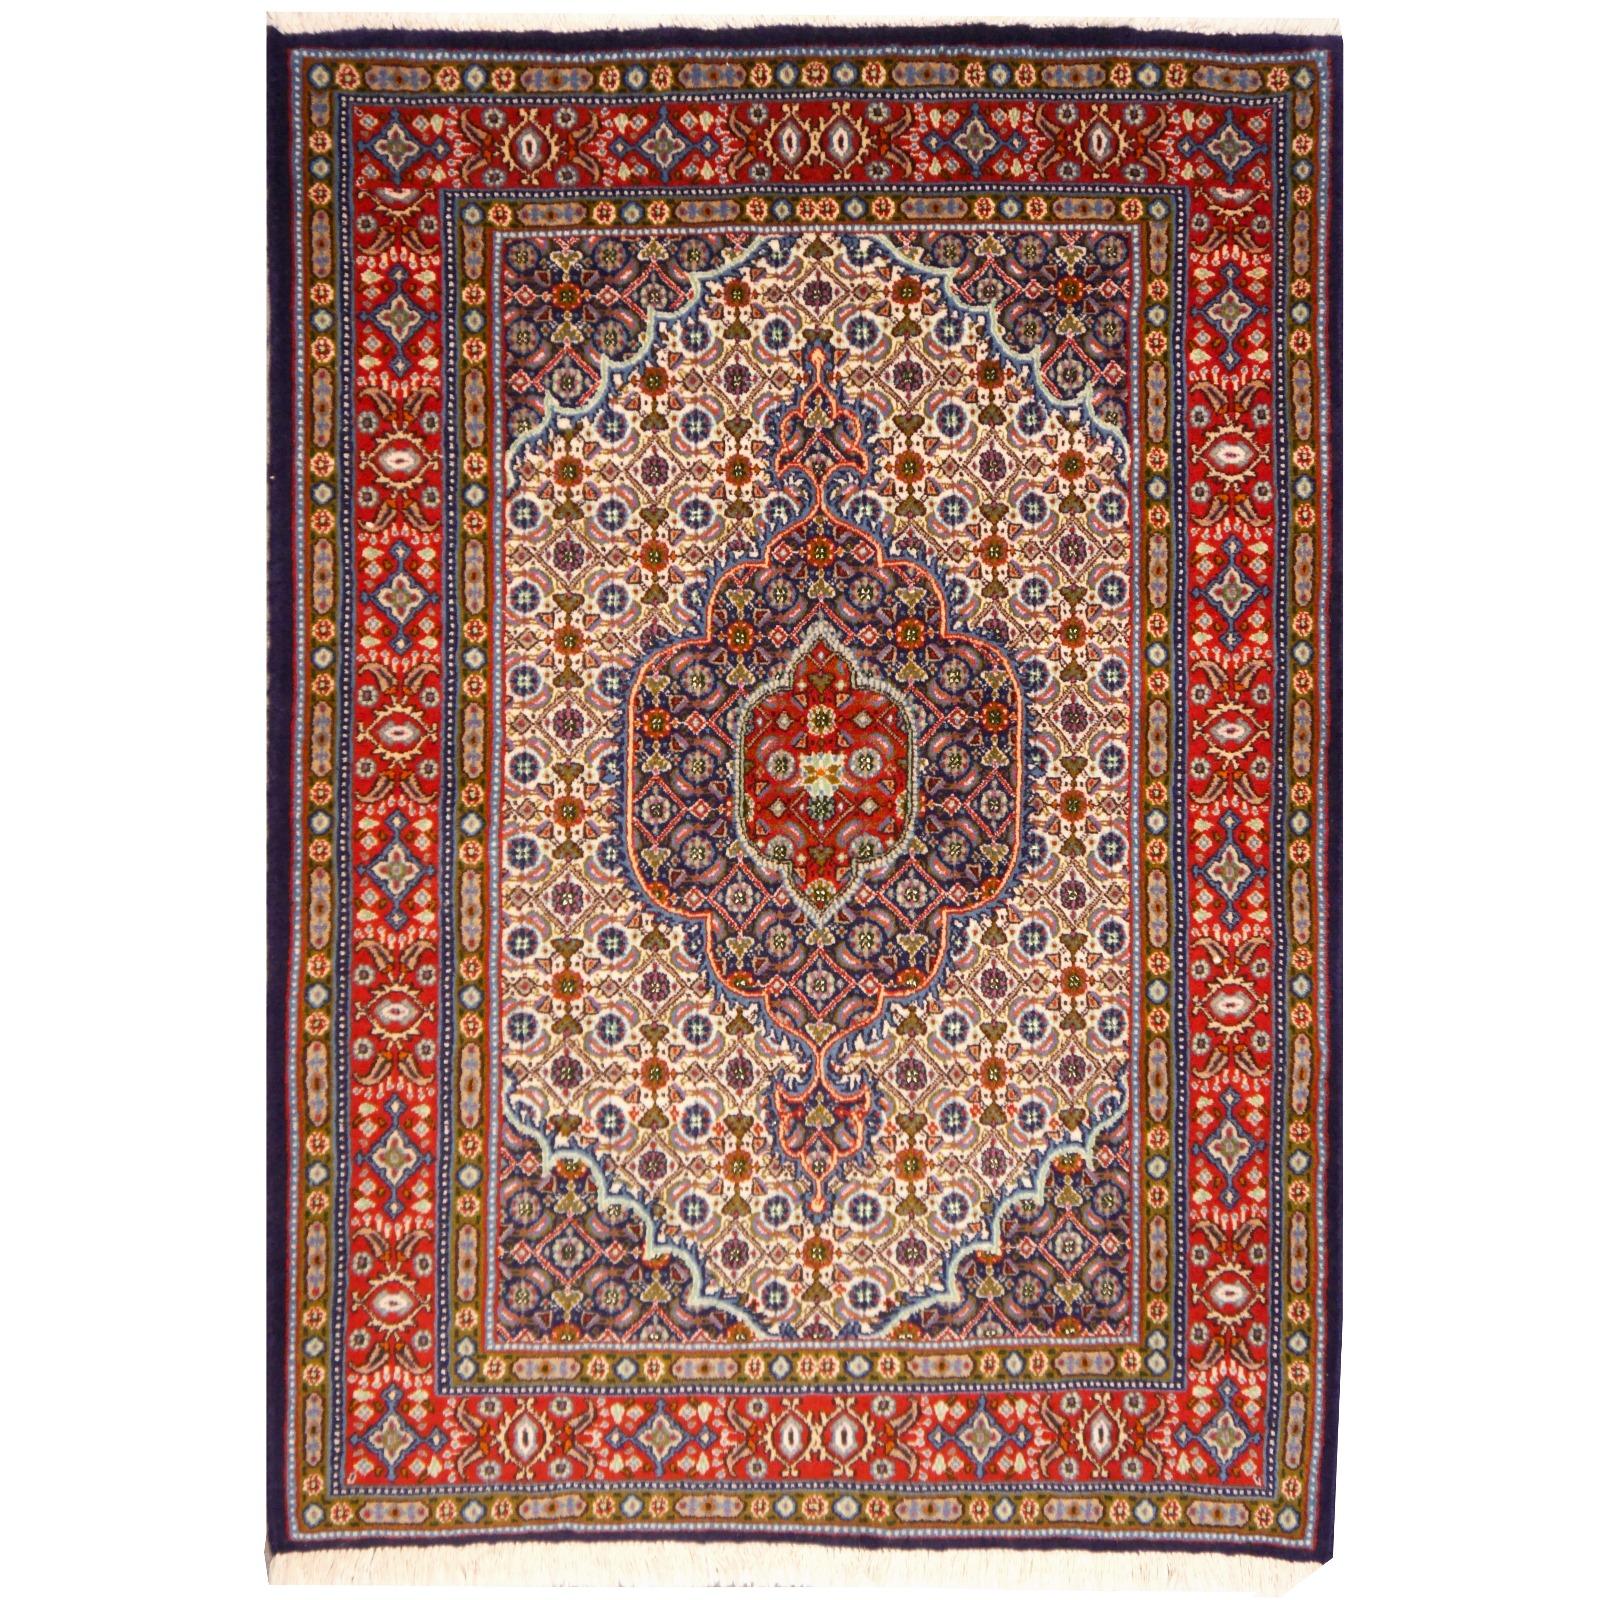 13692 khorasan birdjand persian rug 4 6 x 3 4 ft 141 x 103 cm. Black Bedroom Furniture Sets. Home Design Ideas